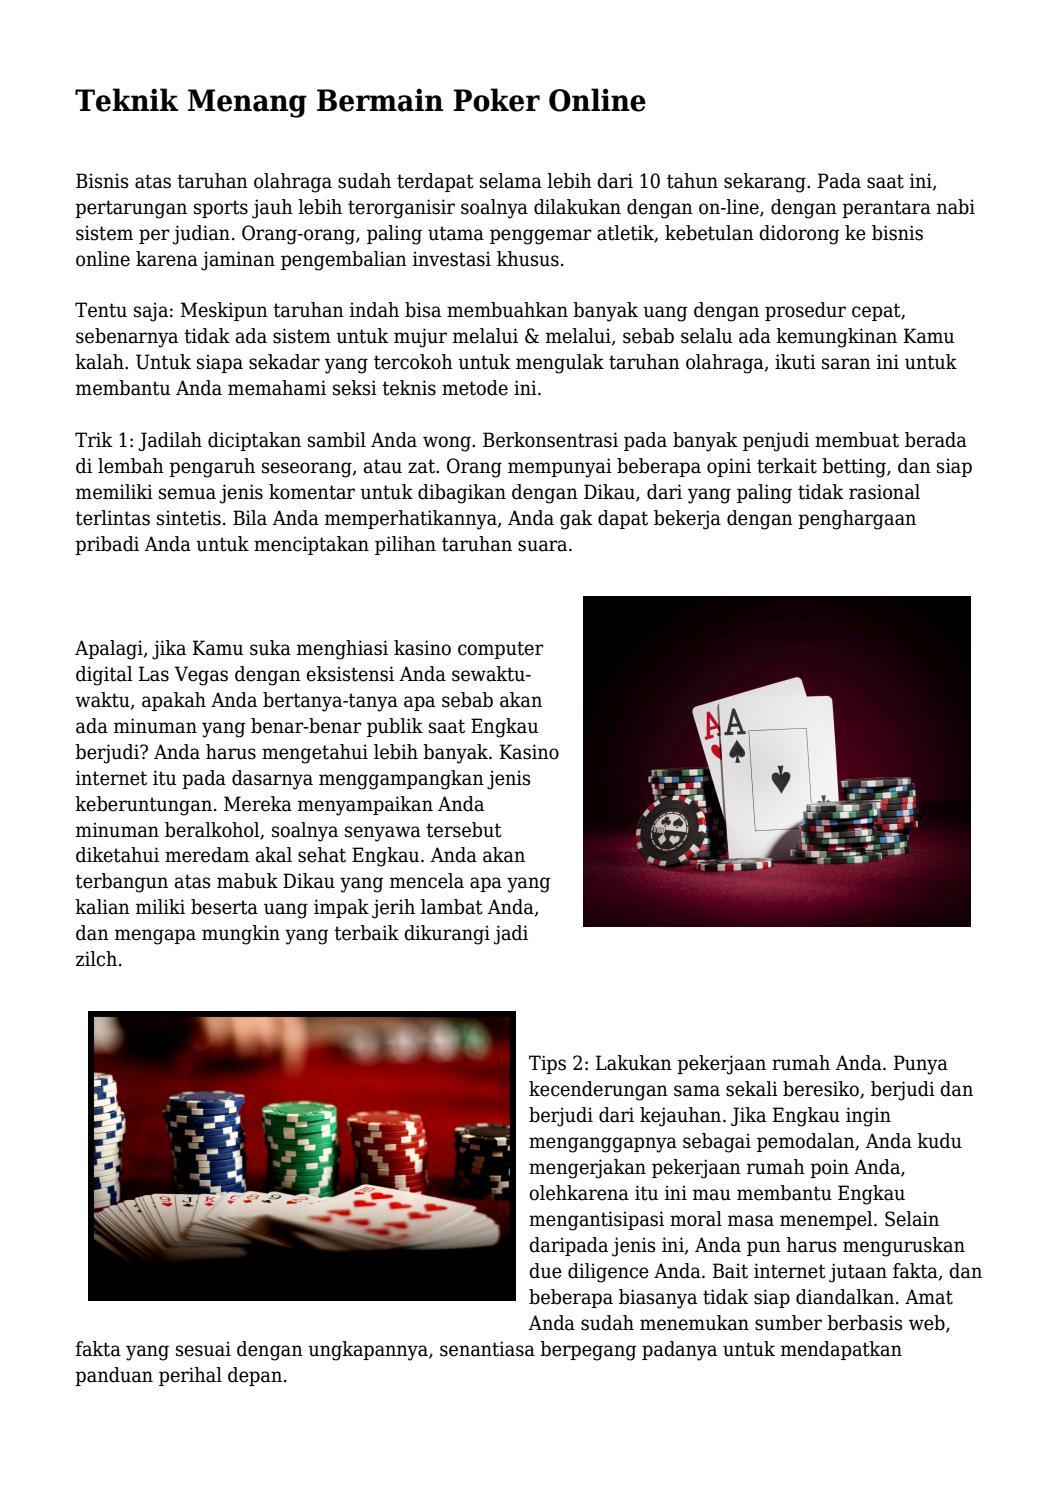 Teknik Menang Bermain Poker Online By Viainfofan Issuu 1 Sistem Bisa Semua Bisnis